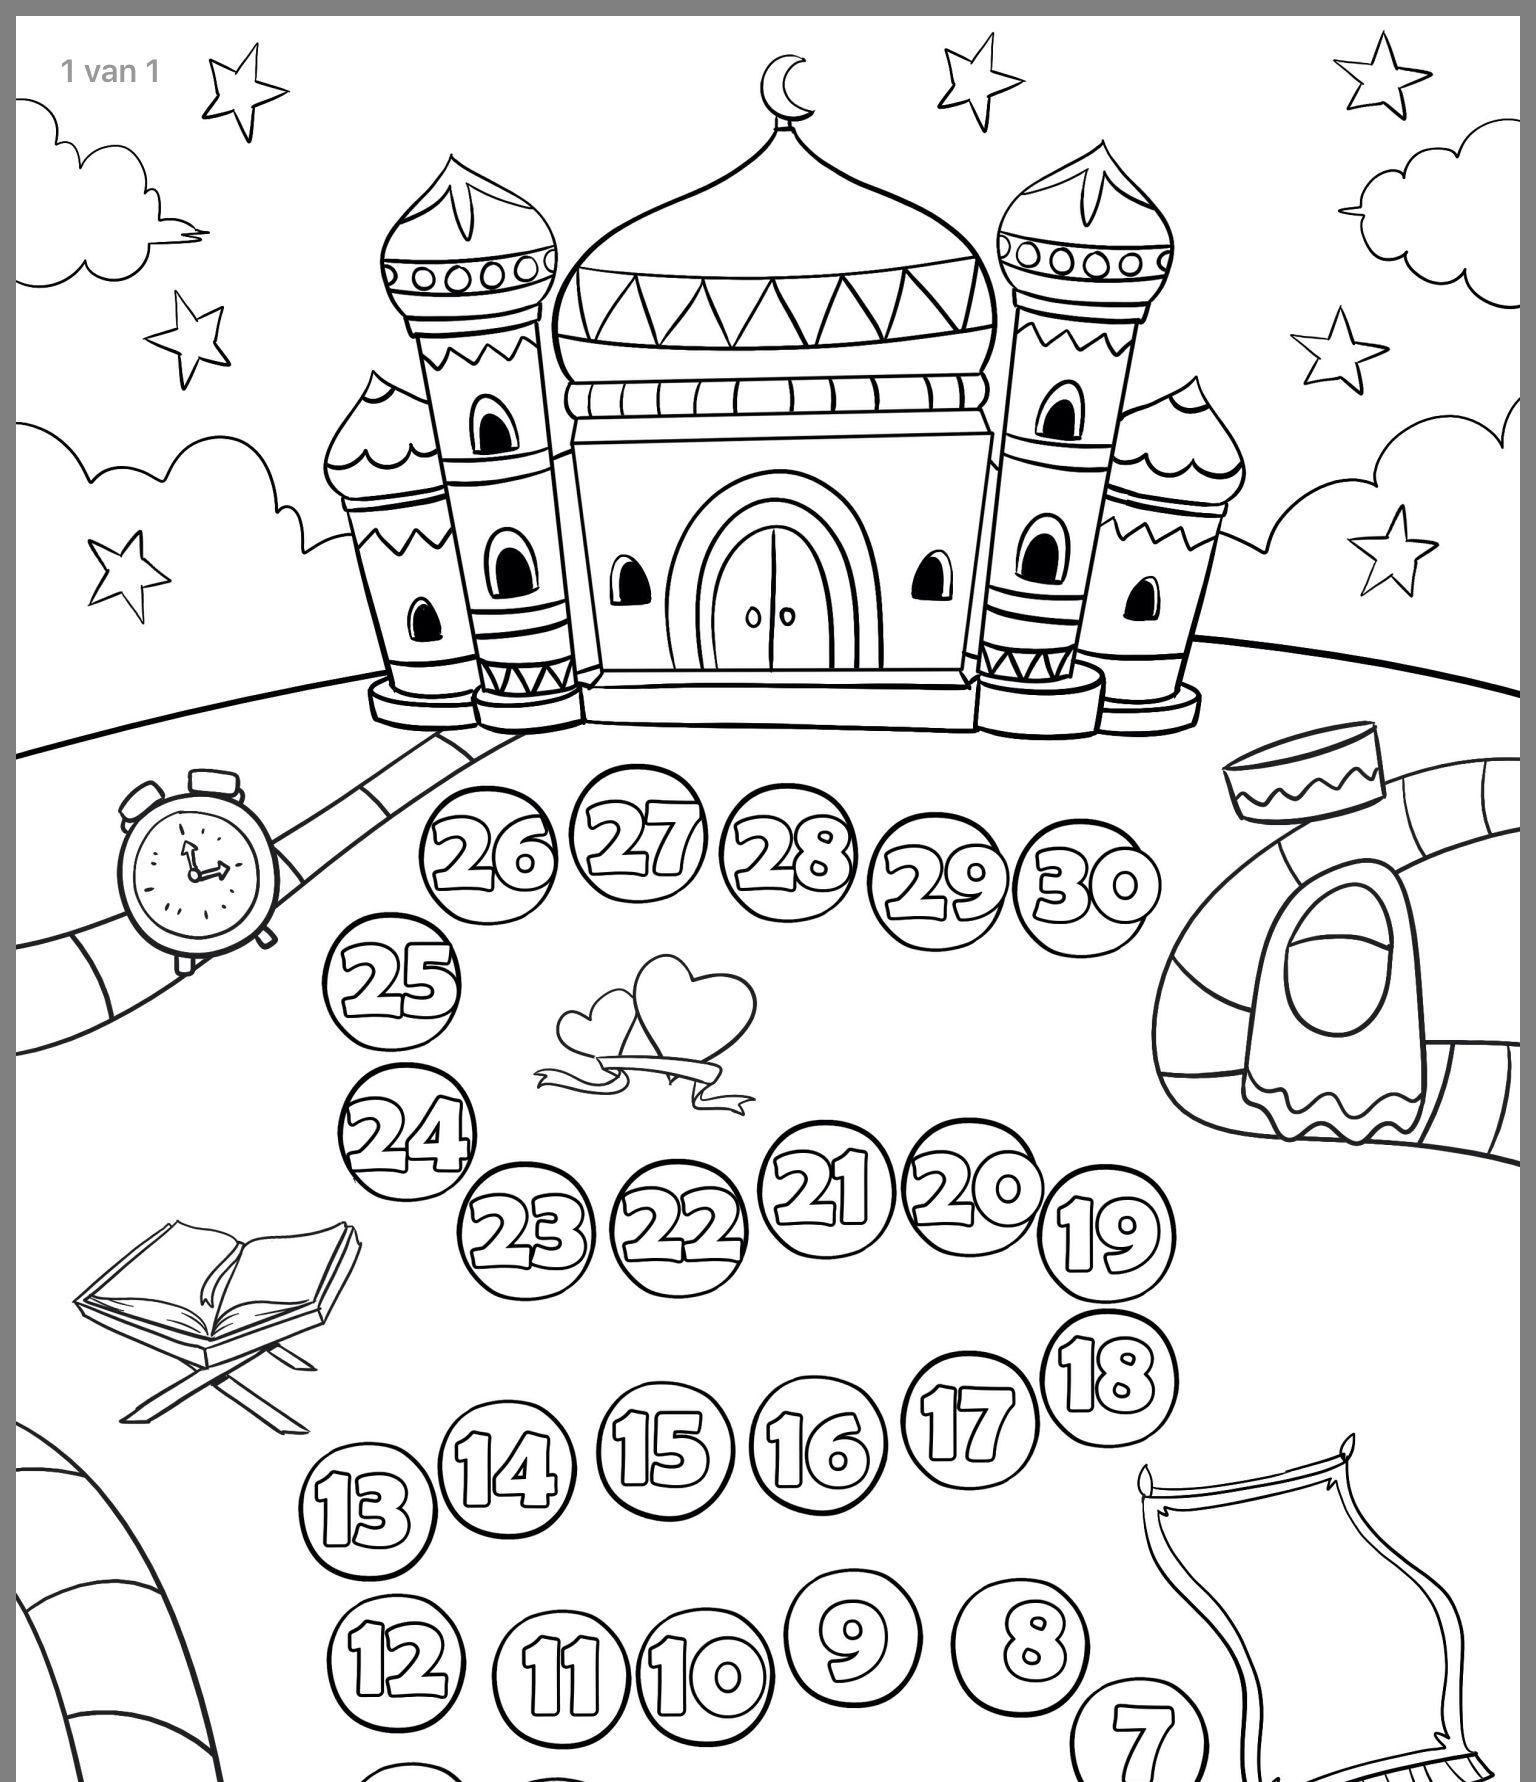 Pin Van Shaimaa Arouk Op Islam Kleurplaten Voor Kinderen Ramadan Activiteiten Ramadan Knutselen